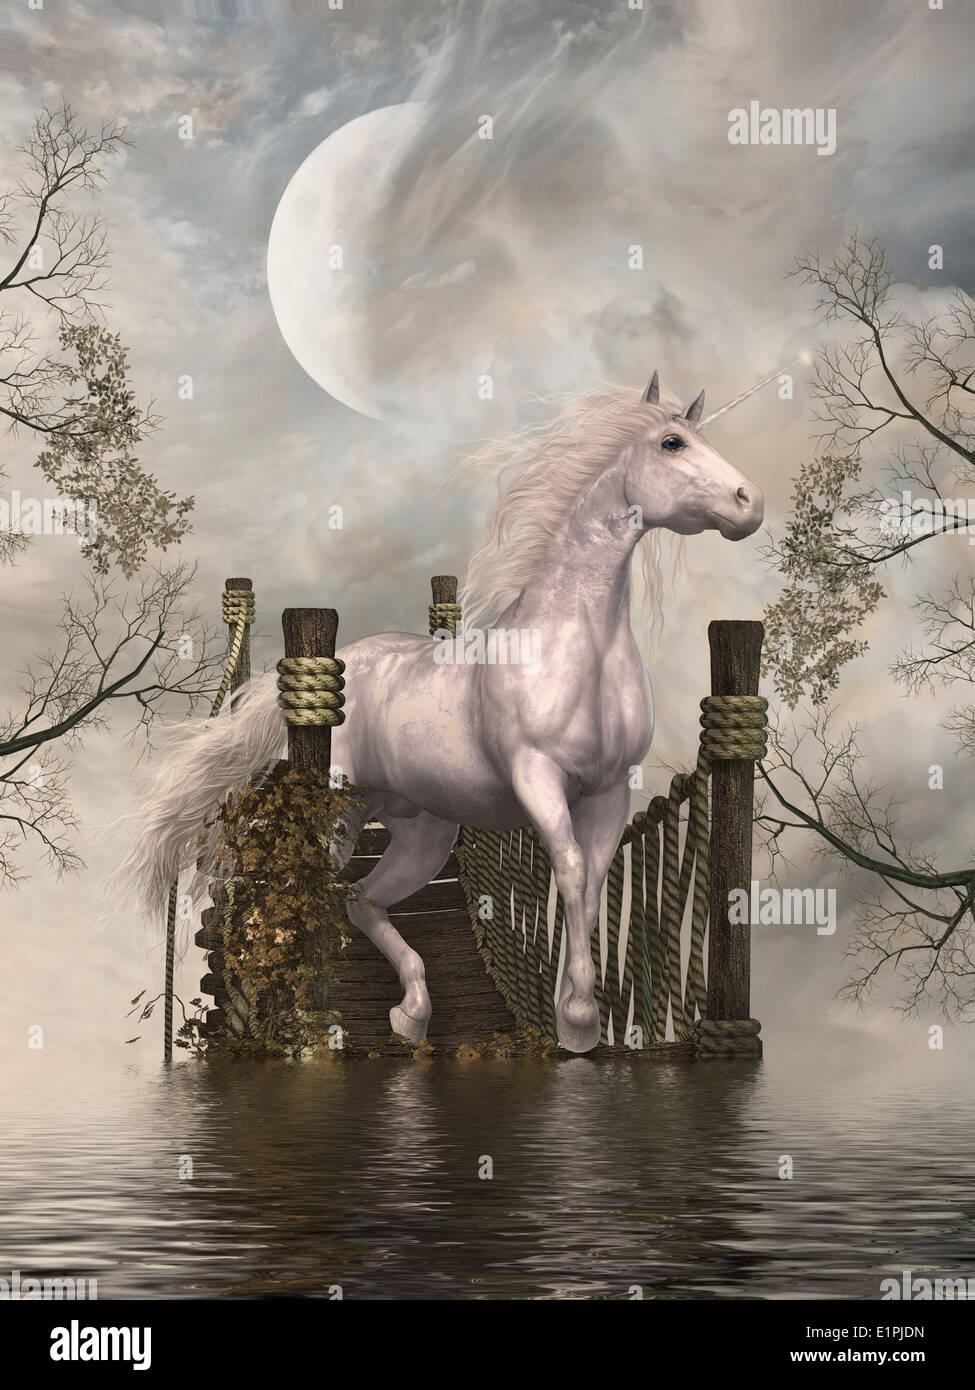 Fantasy landscape with white unicorn in a bridge - Stock Image